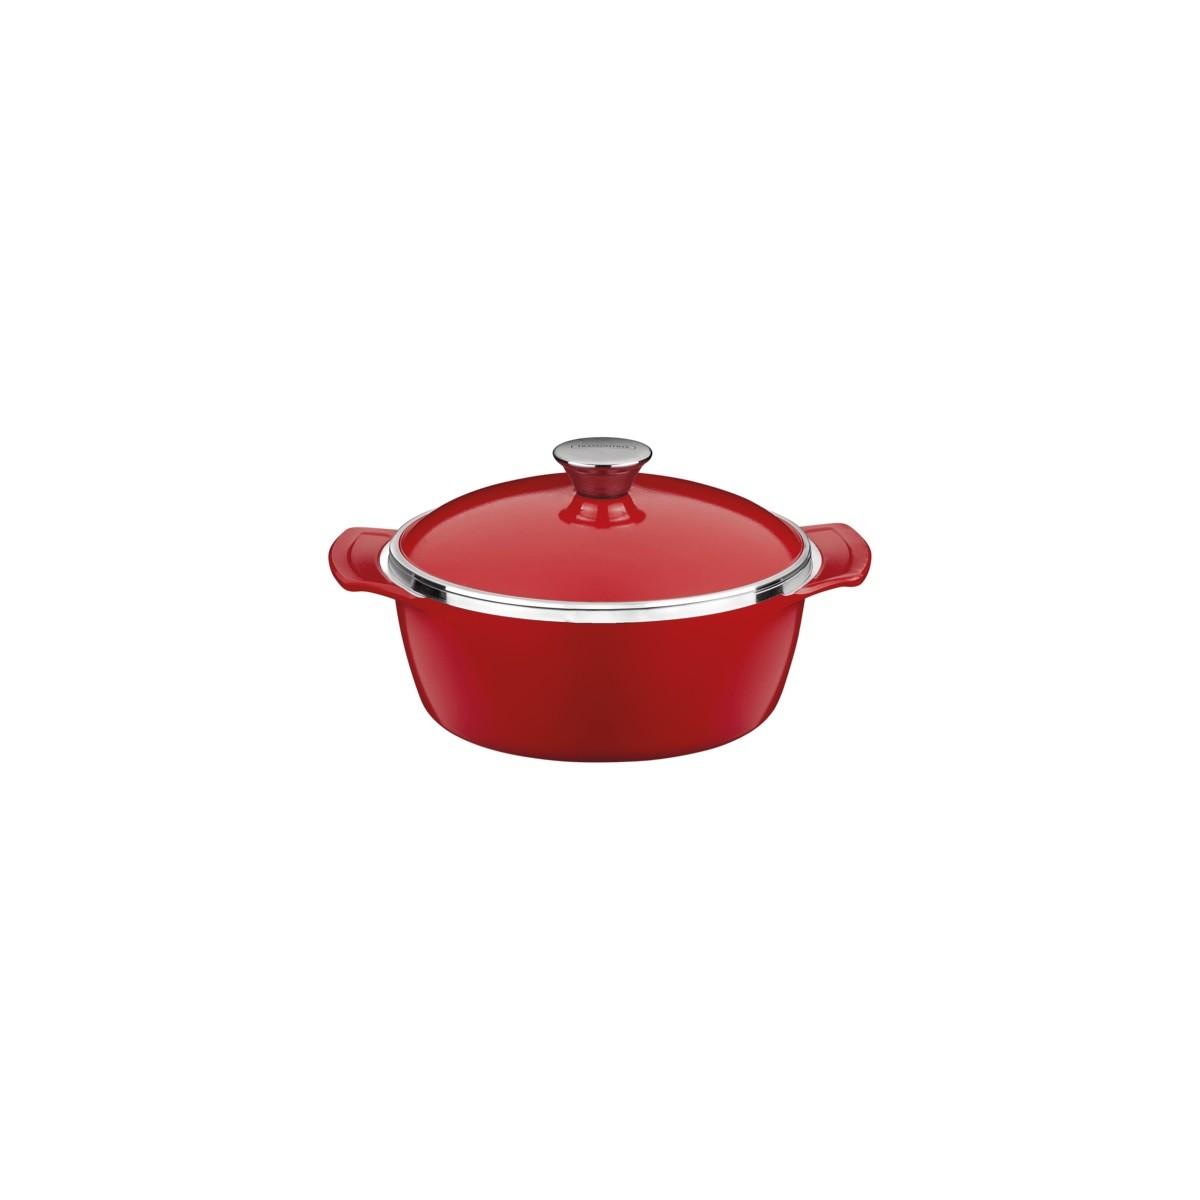 Mini Cocotte Alumínio Antiaderente 10cm Com Tampa Lyon Vermelha  - Sua Casa Gourmet e Cia